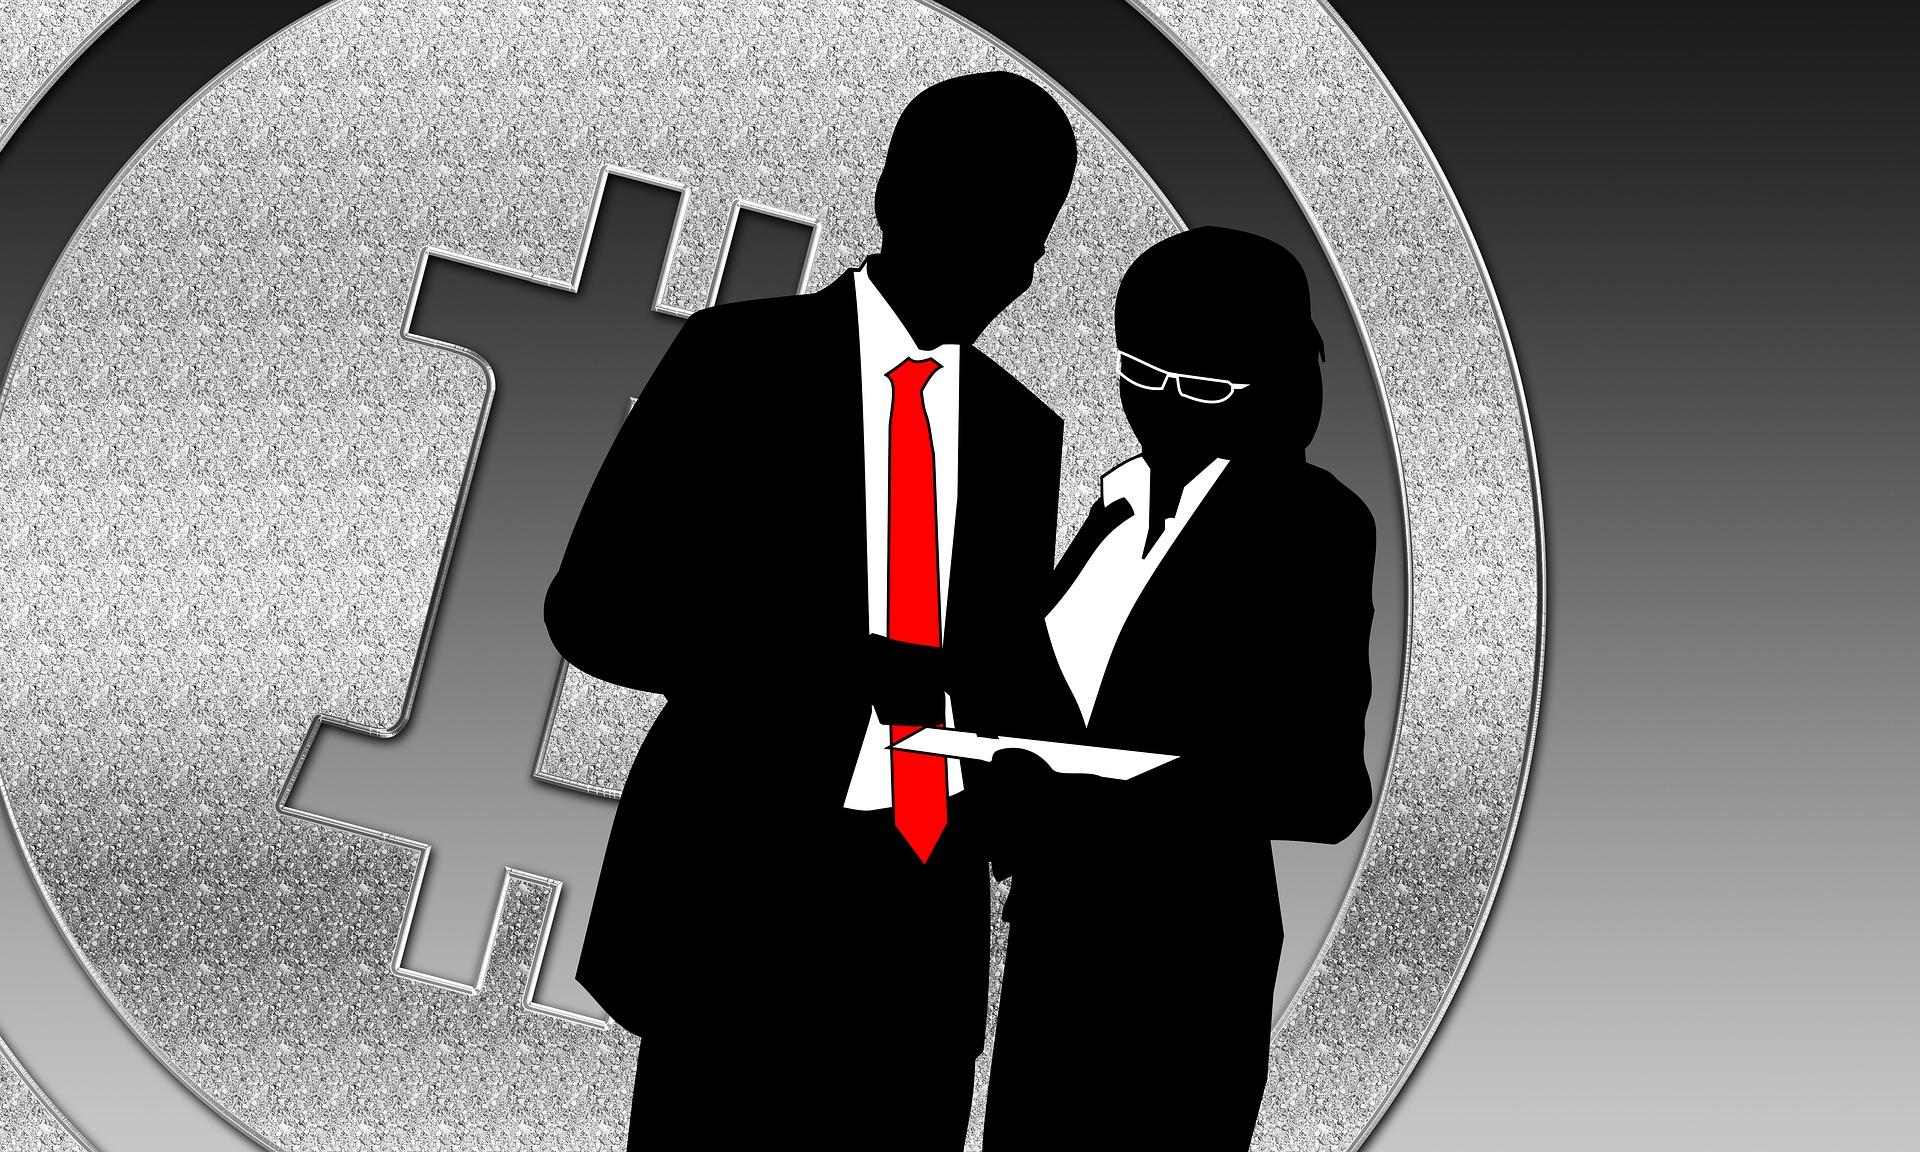 Die aktuellen Neugigkeiten von Bitcoin